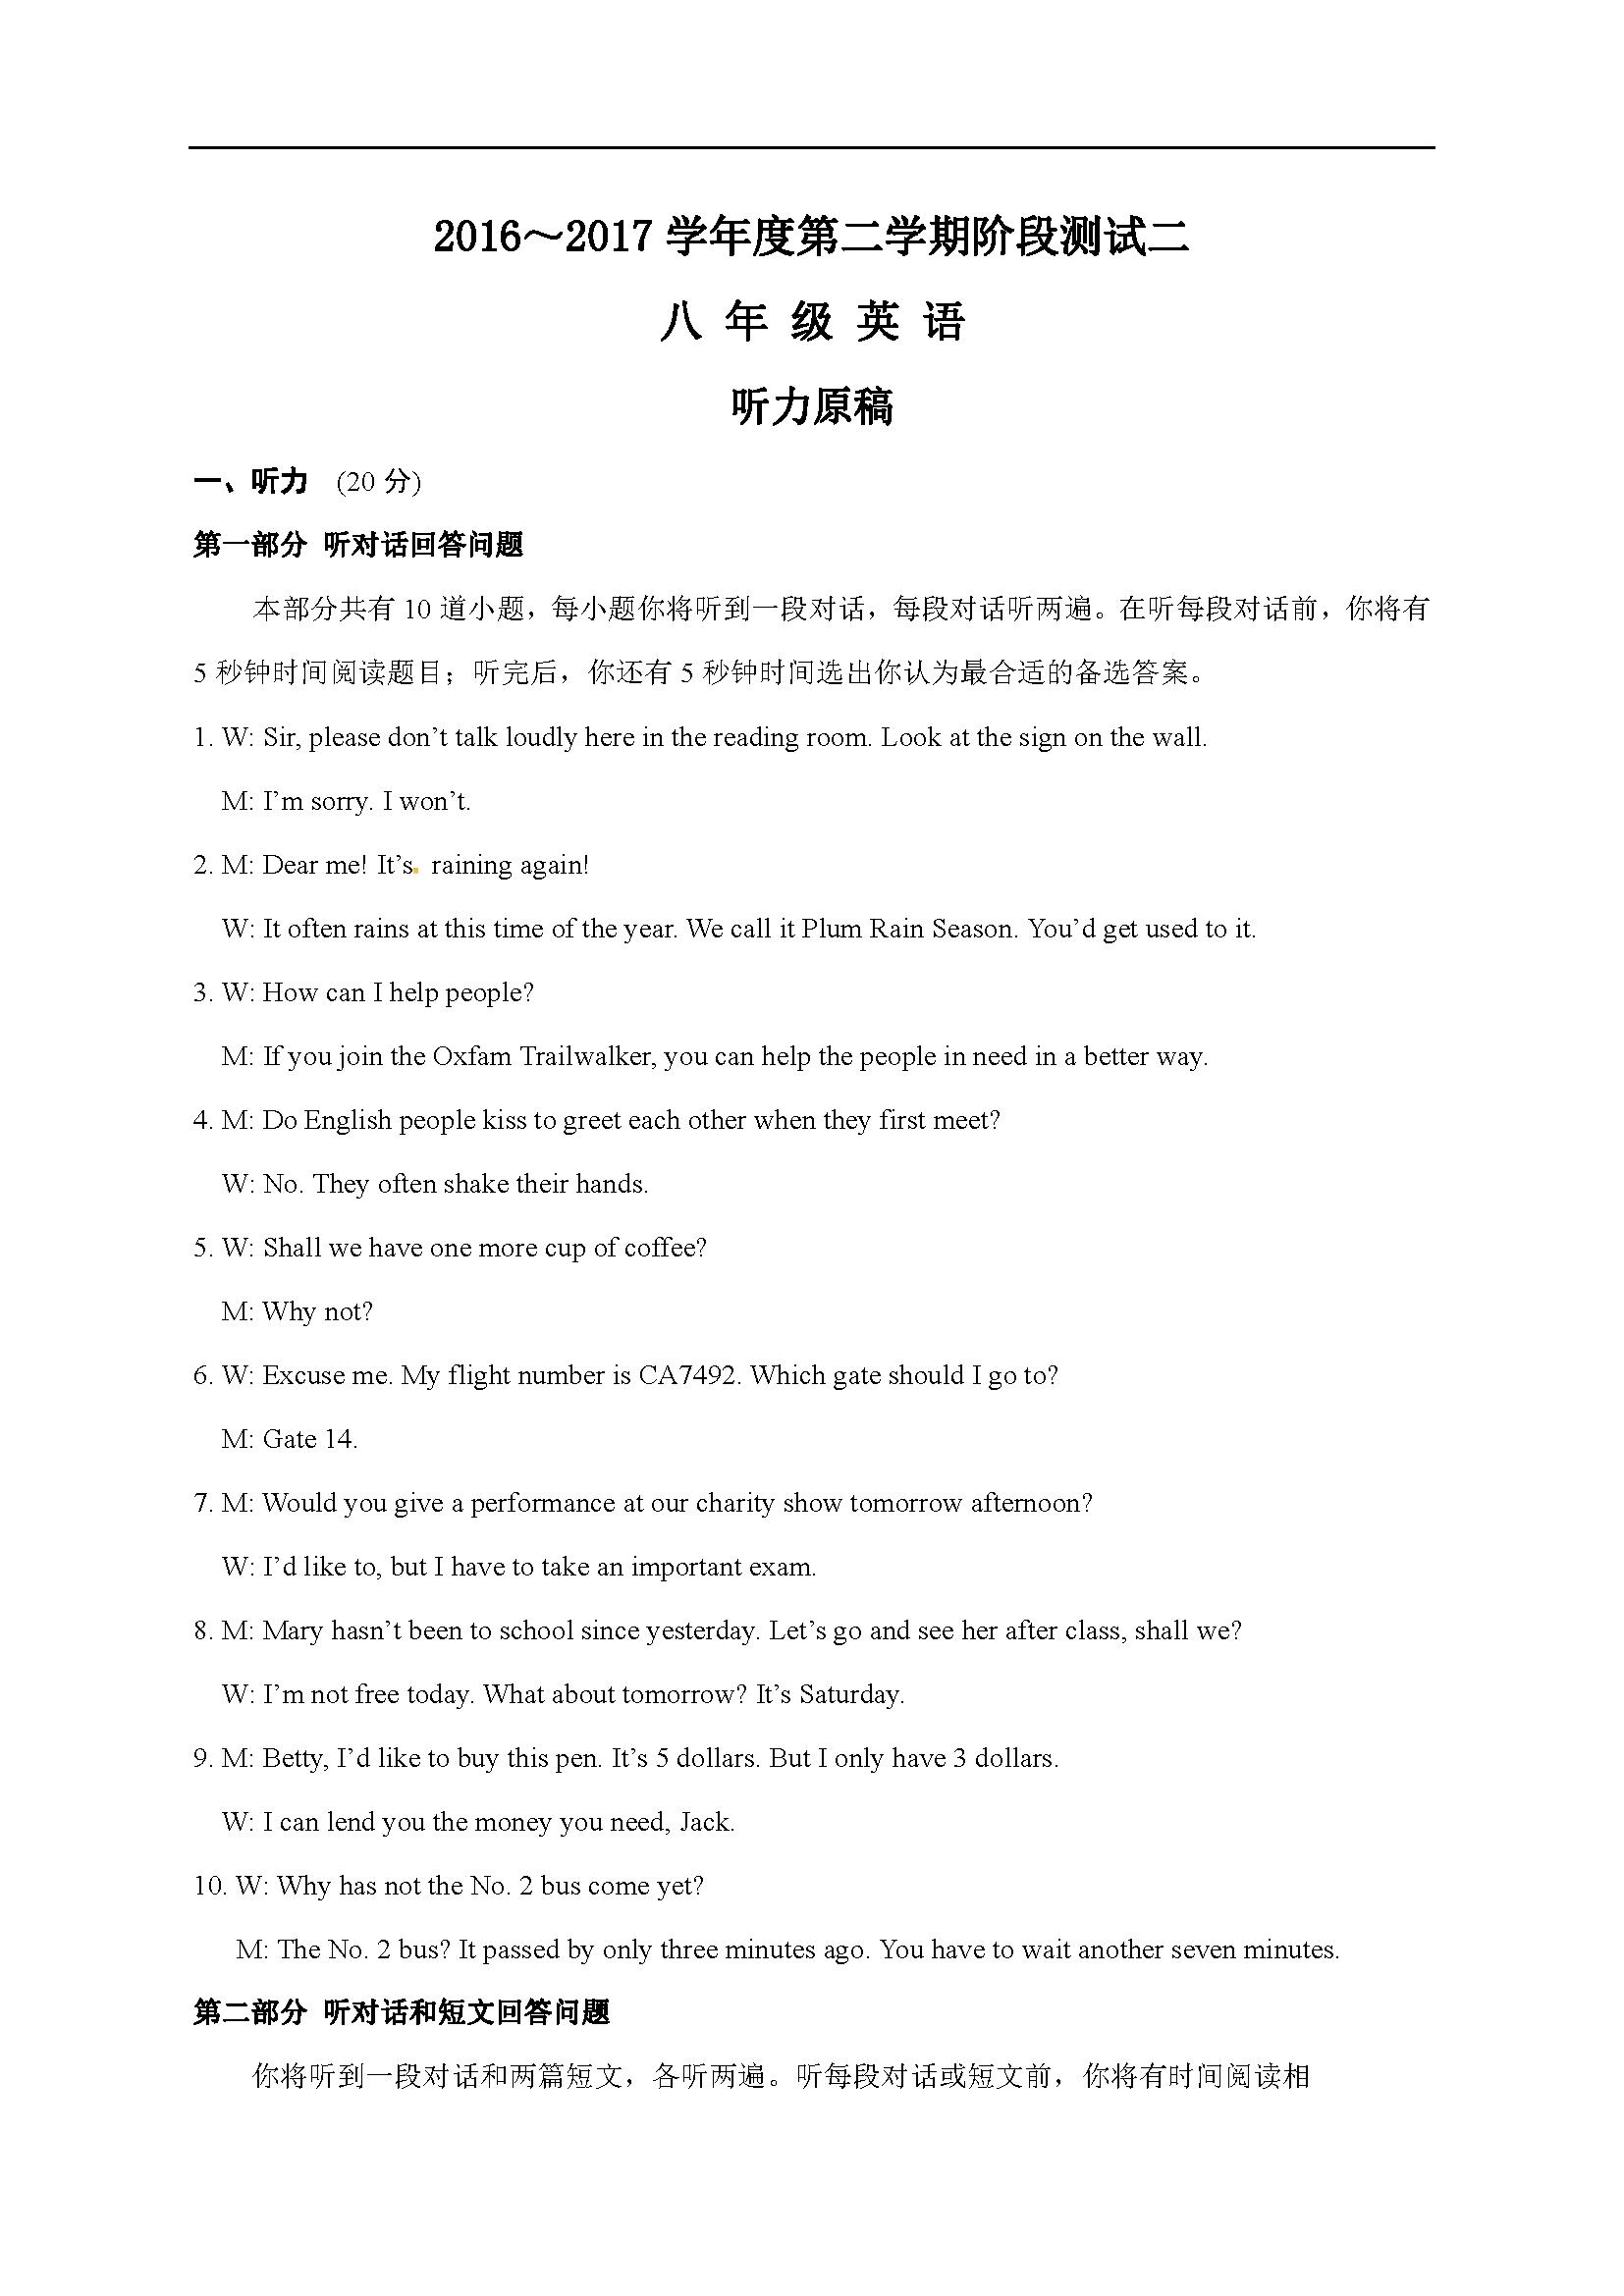 江苏姜堰第四中学2016-2017学年八年级下第三次月考英语试题答案(Word版)